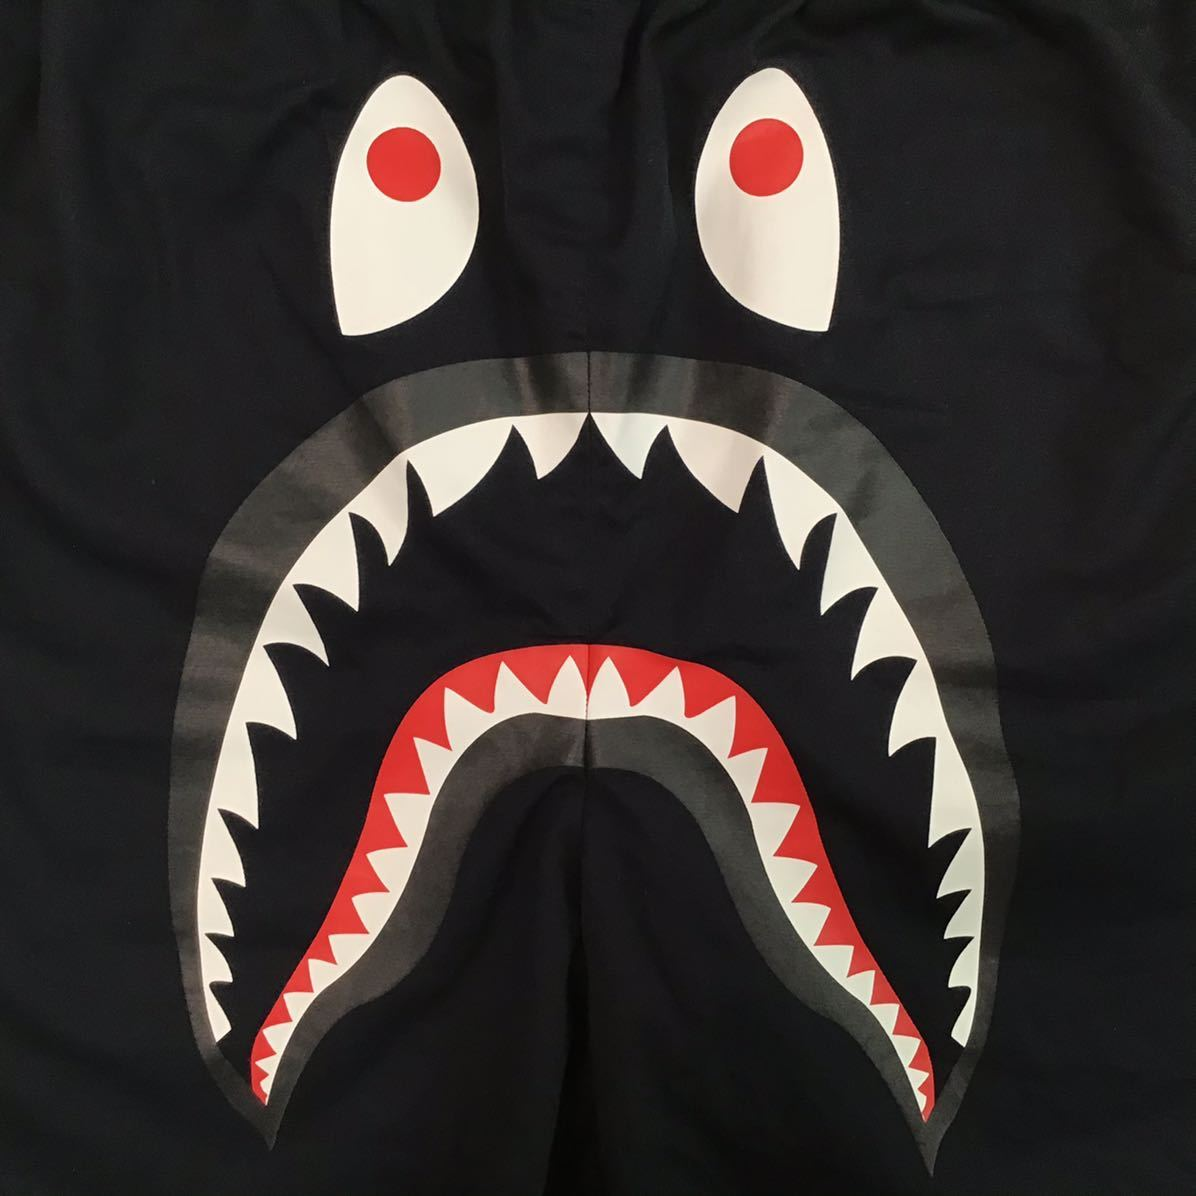 ★リバーシブル★ シャーク ハーフパンツ XLサイズ a bathing ape BAPE shark shorts ショーツ エイプ ベイプ 迷彩 navy × 1st camo 364a